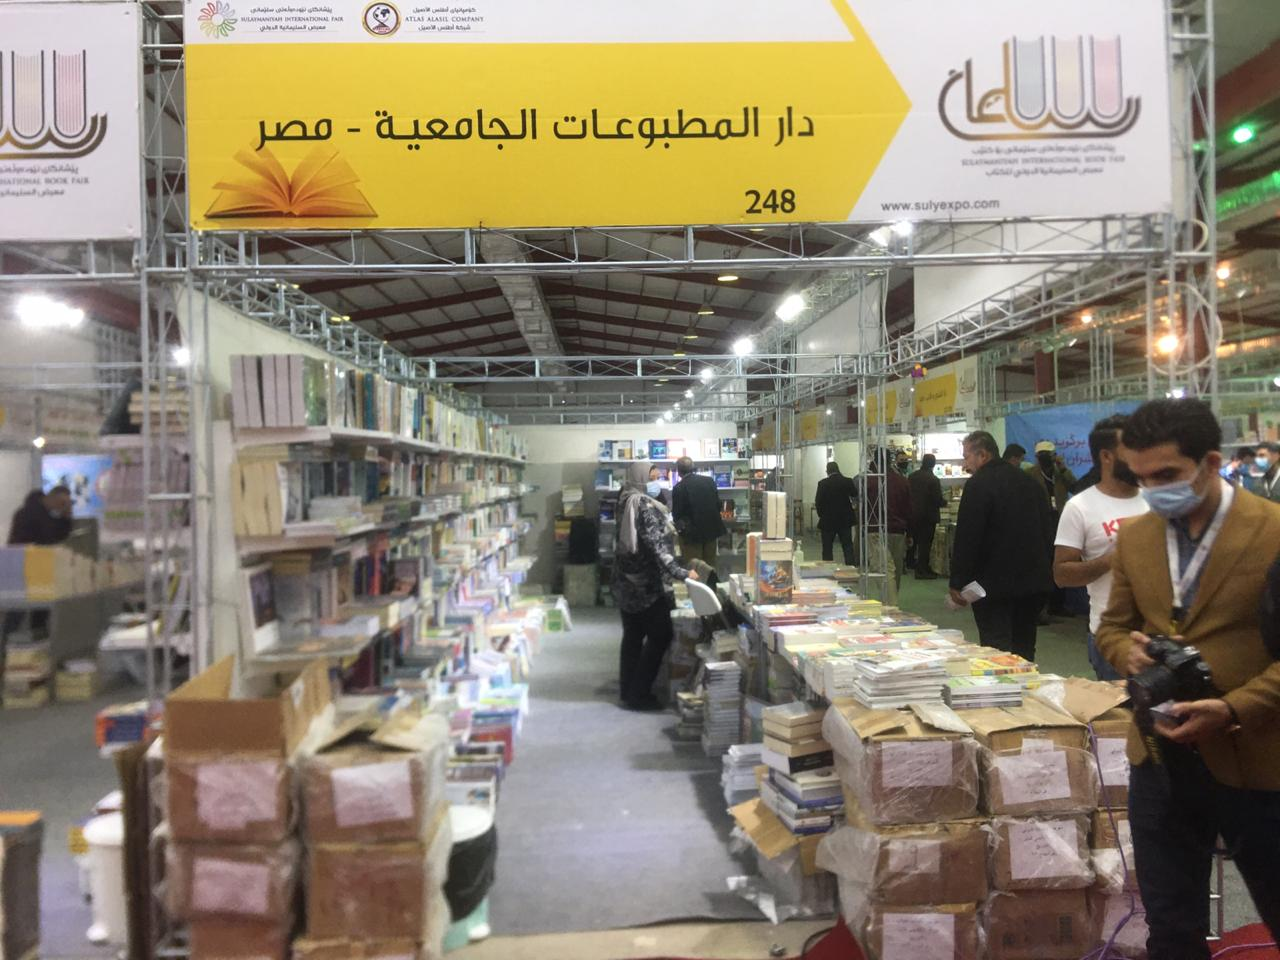 الشركة العامة للمعارض تعلن انطلاق معرض السليمانية الدولي للكتاب بدورته الثانية